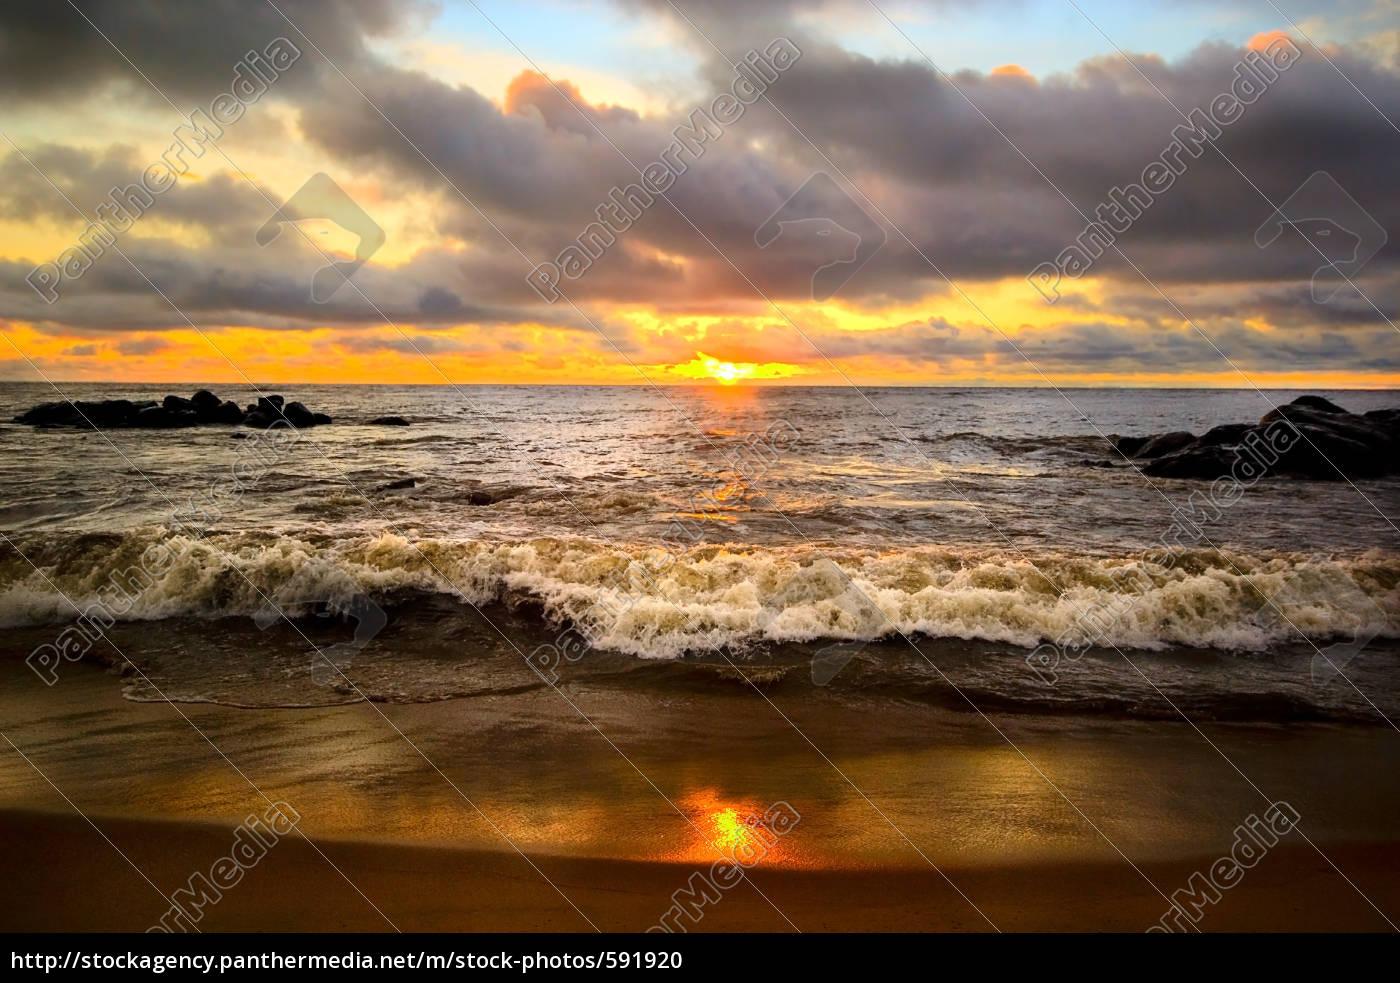 le, souffle, de, la, mer, est - 591920